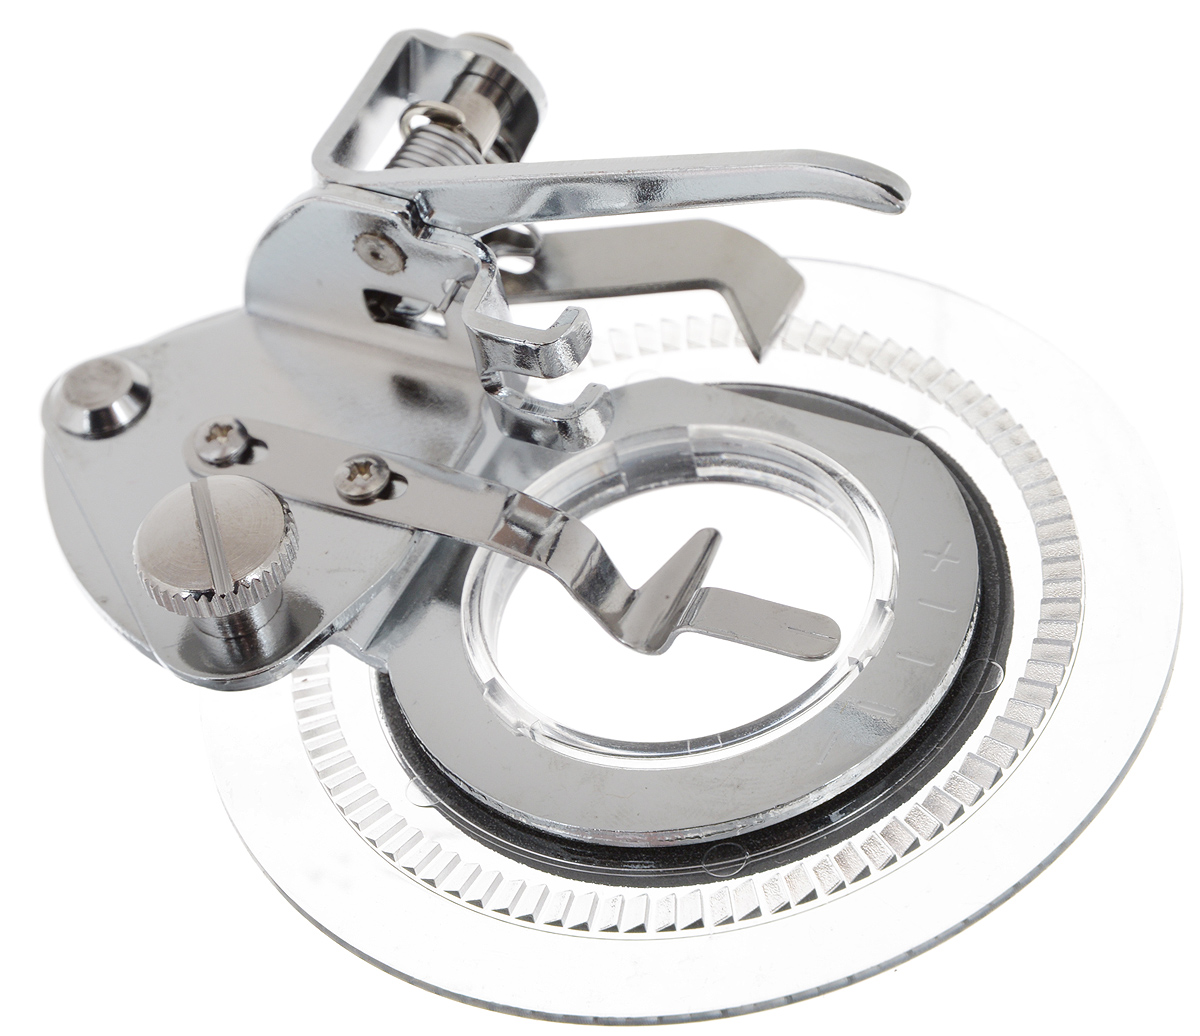 Лапка для швейной машины Aurora, для шитья узоровFTH 06Лапка для швейной машины Aurora используется для шитья декоративных узоров по кругу. Подходит для большинства современных бытовых швейных машин. Инструкция по использованию прилагается.